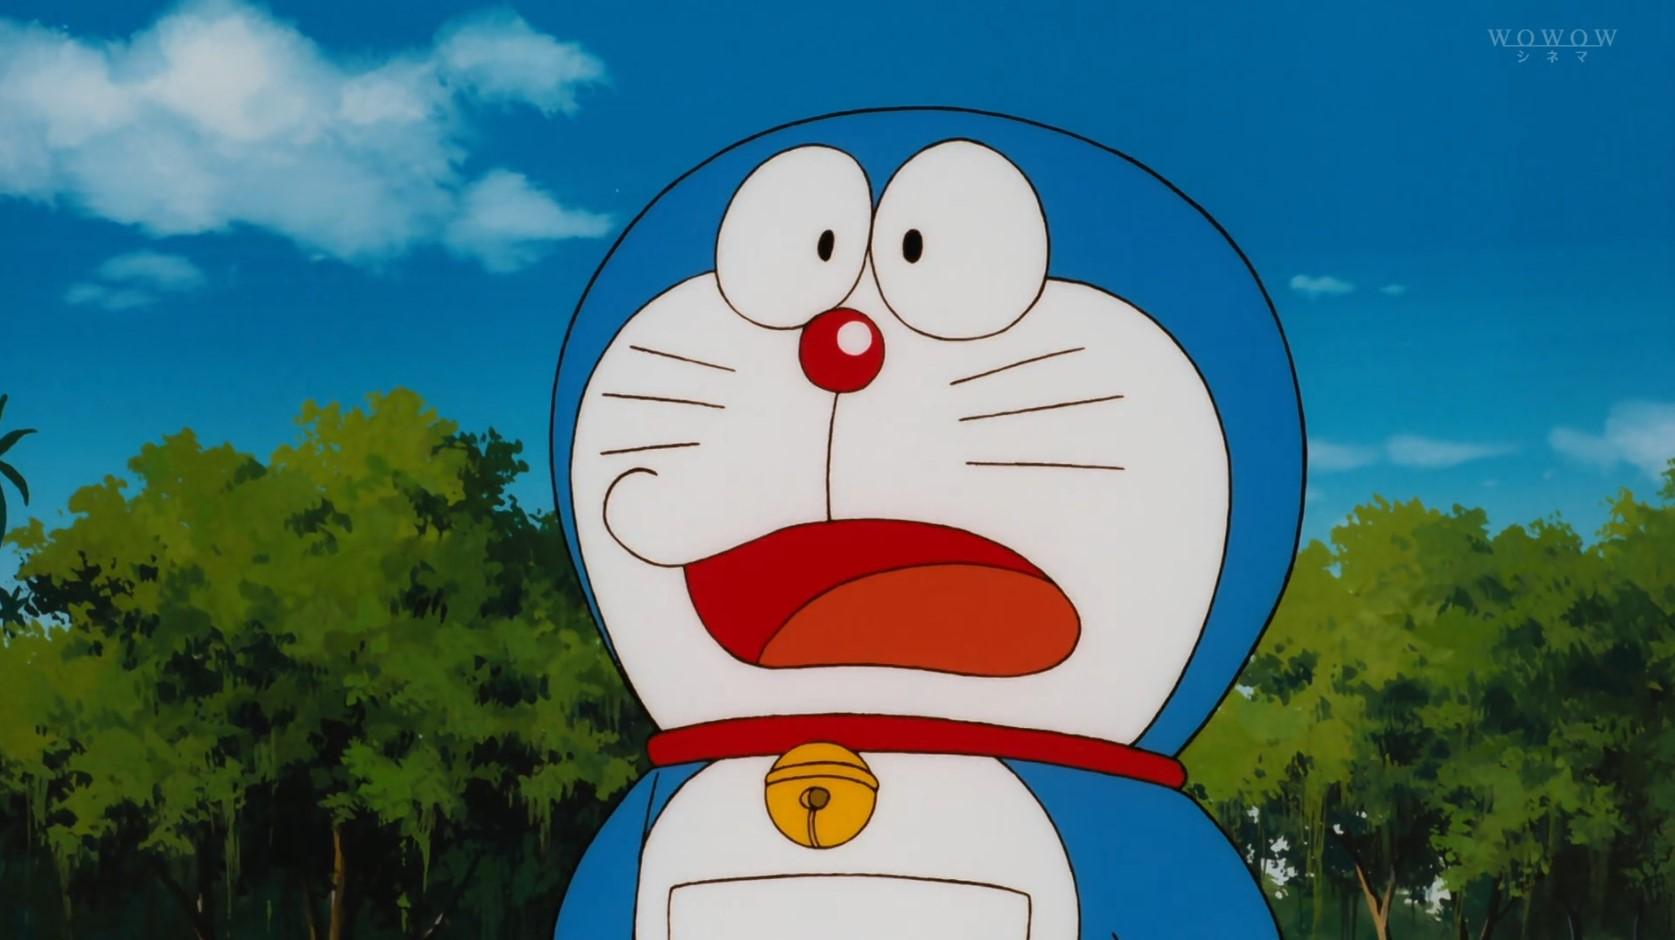 โดราเอมอน   Doraemon Thai Wiki   Fandom